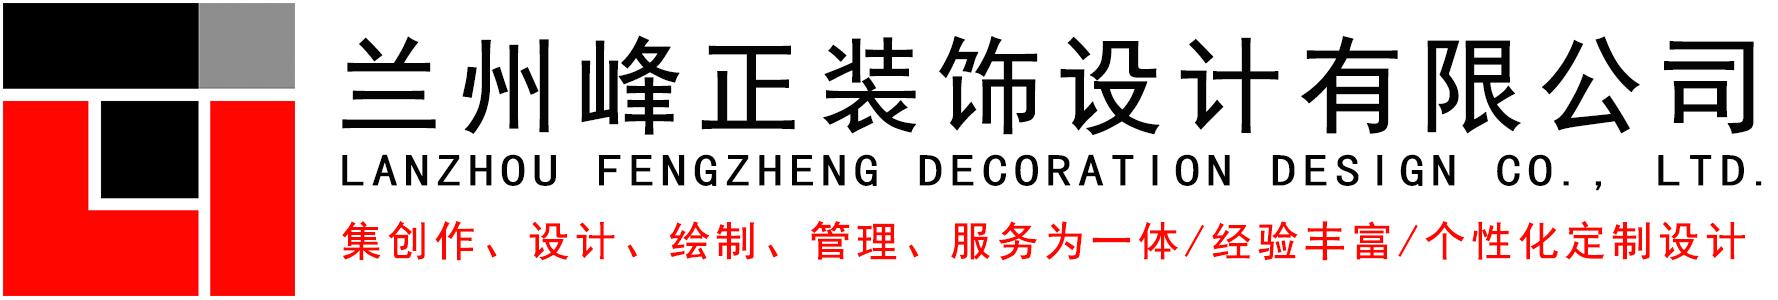 蘭州峰正裝飾設計有限公司